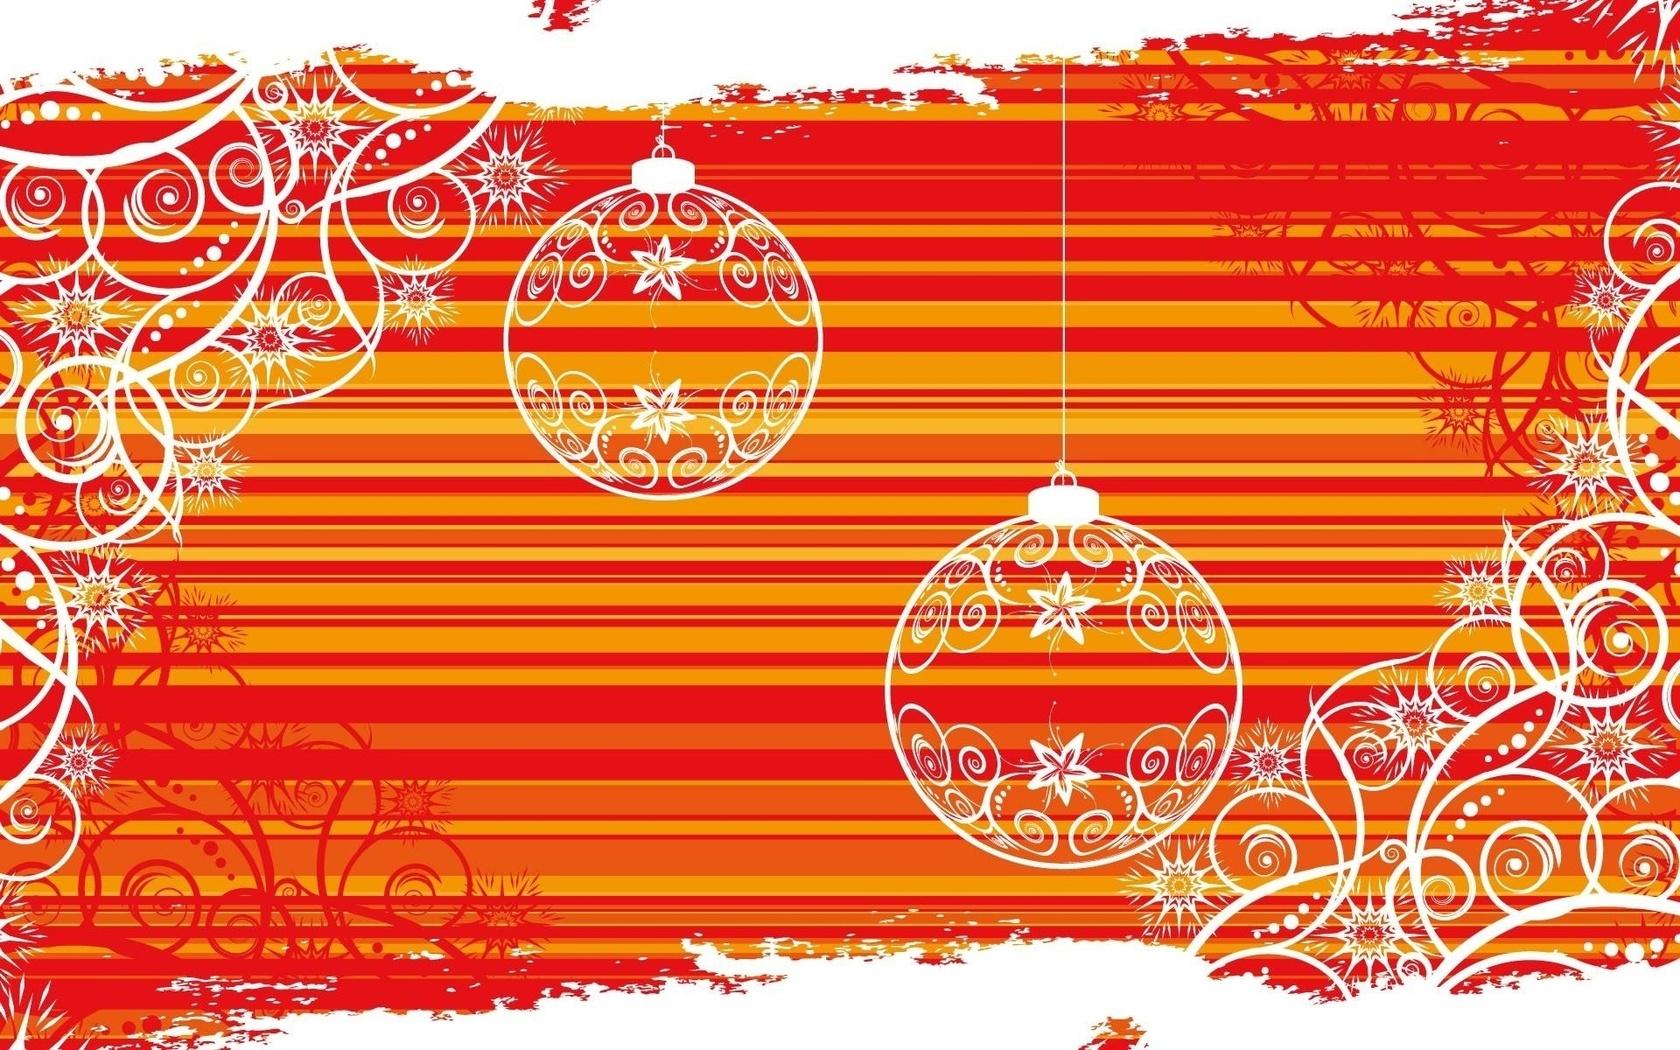 Узор для открытки на новый год